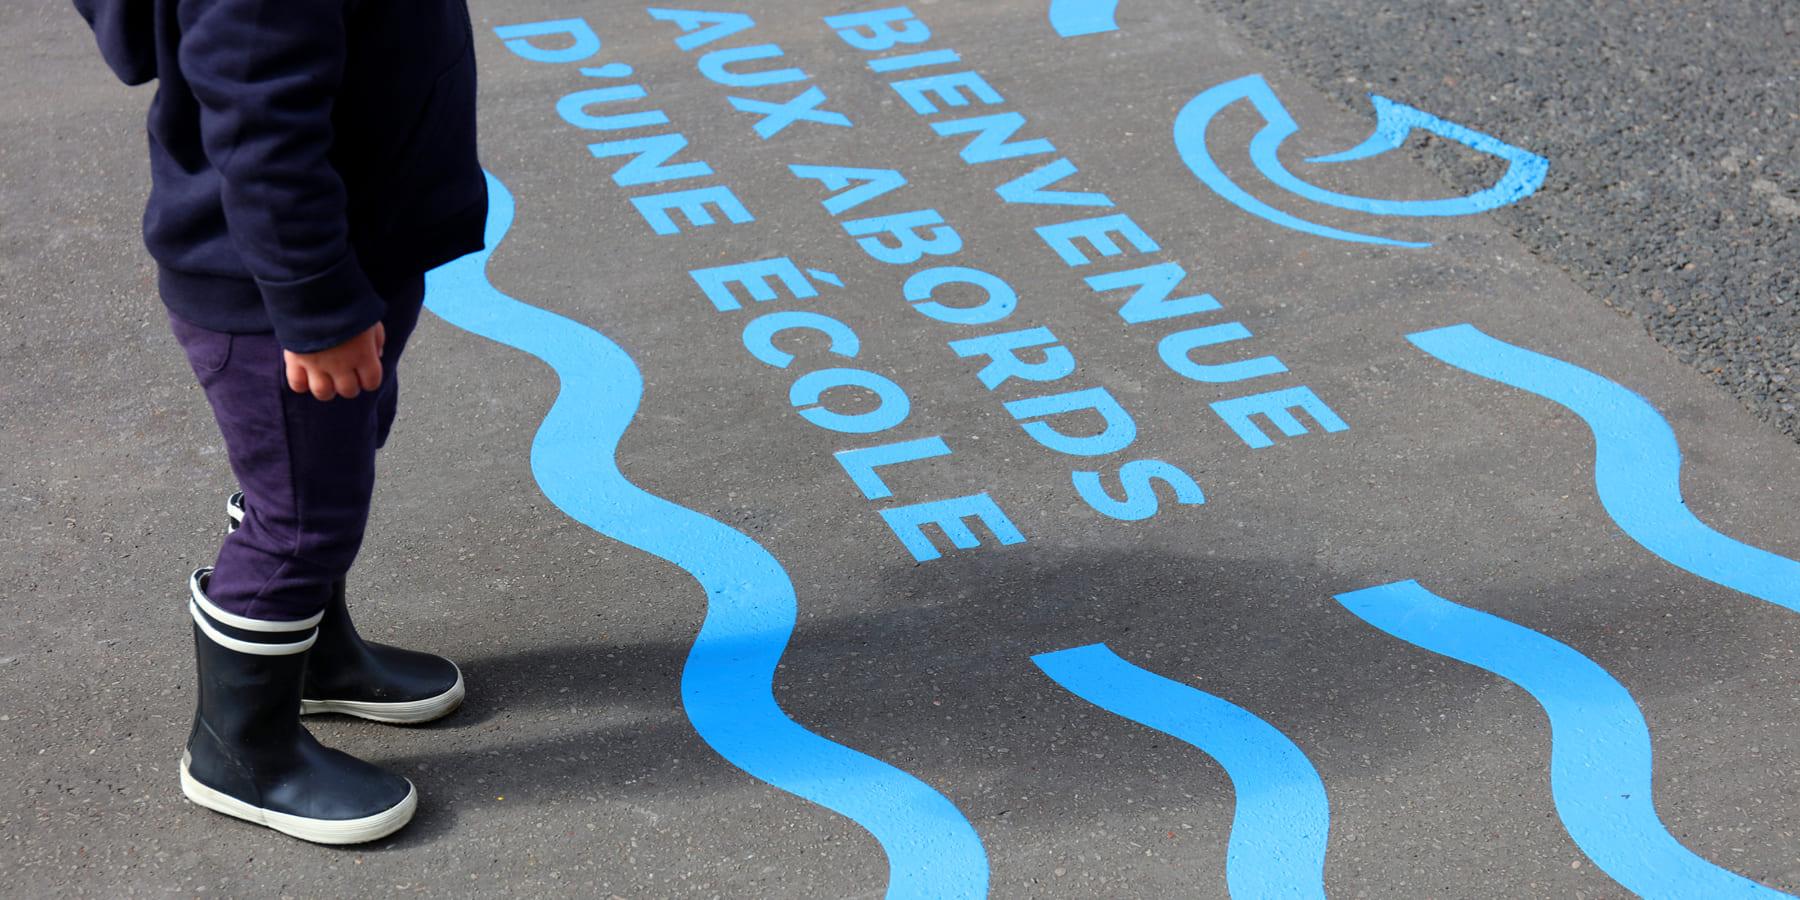 大人も子どもも安心。ソーシャルディスタンスを示す、パリのストリートアート